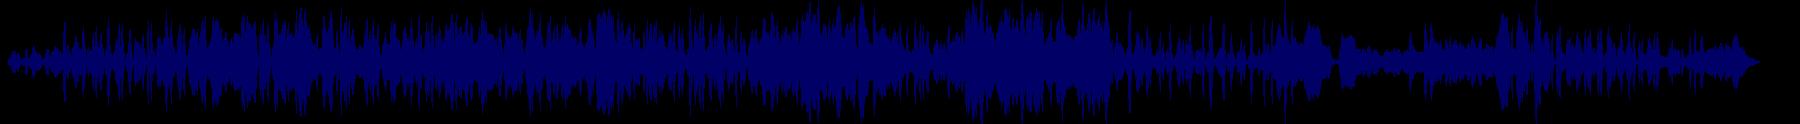 waveform of track #40656